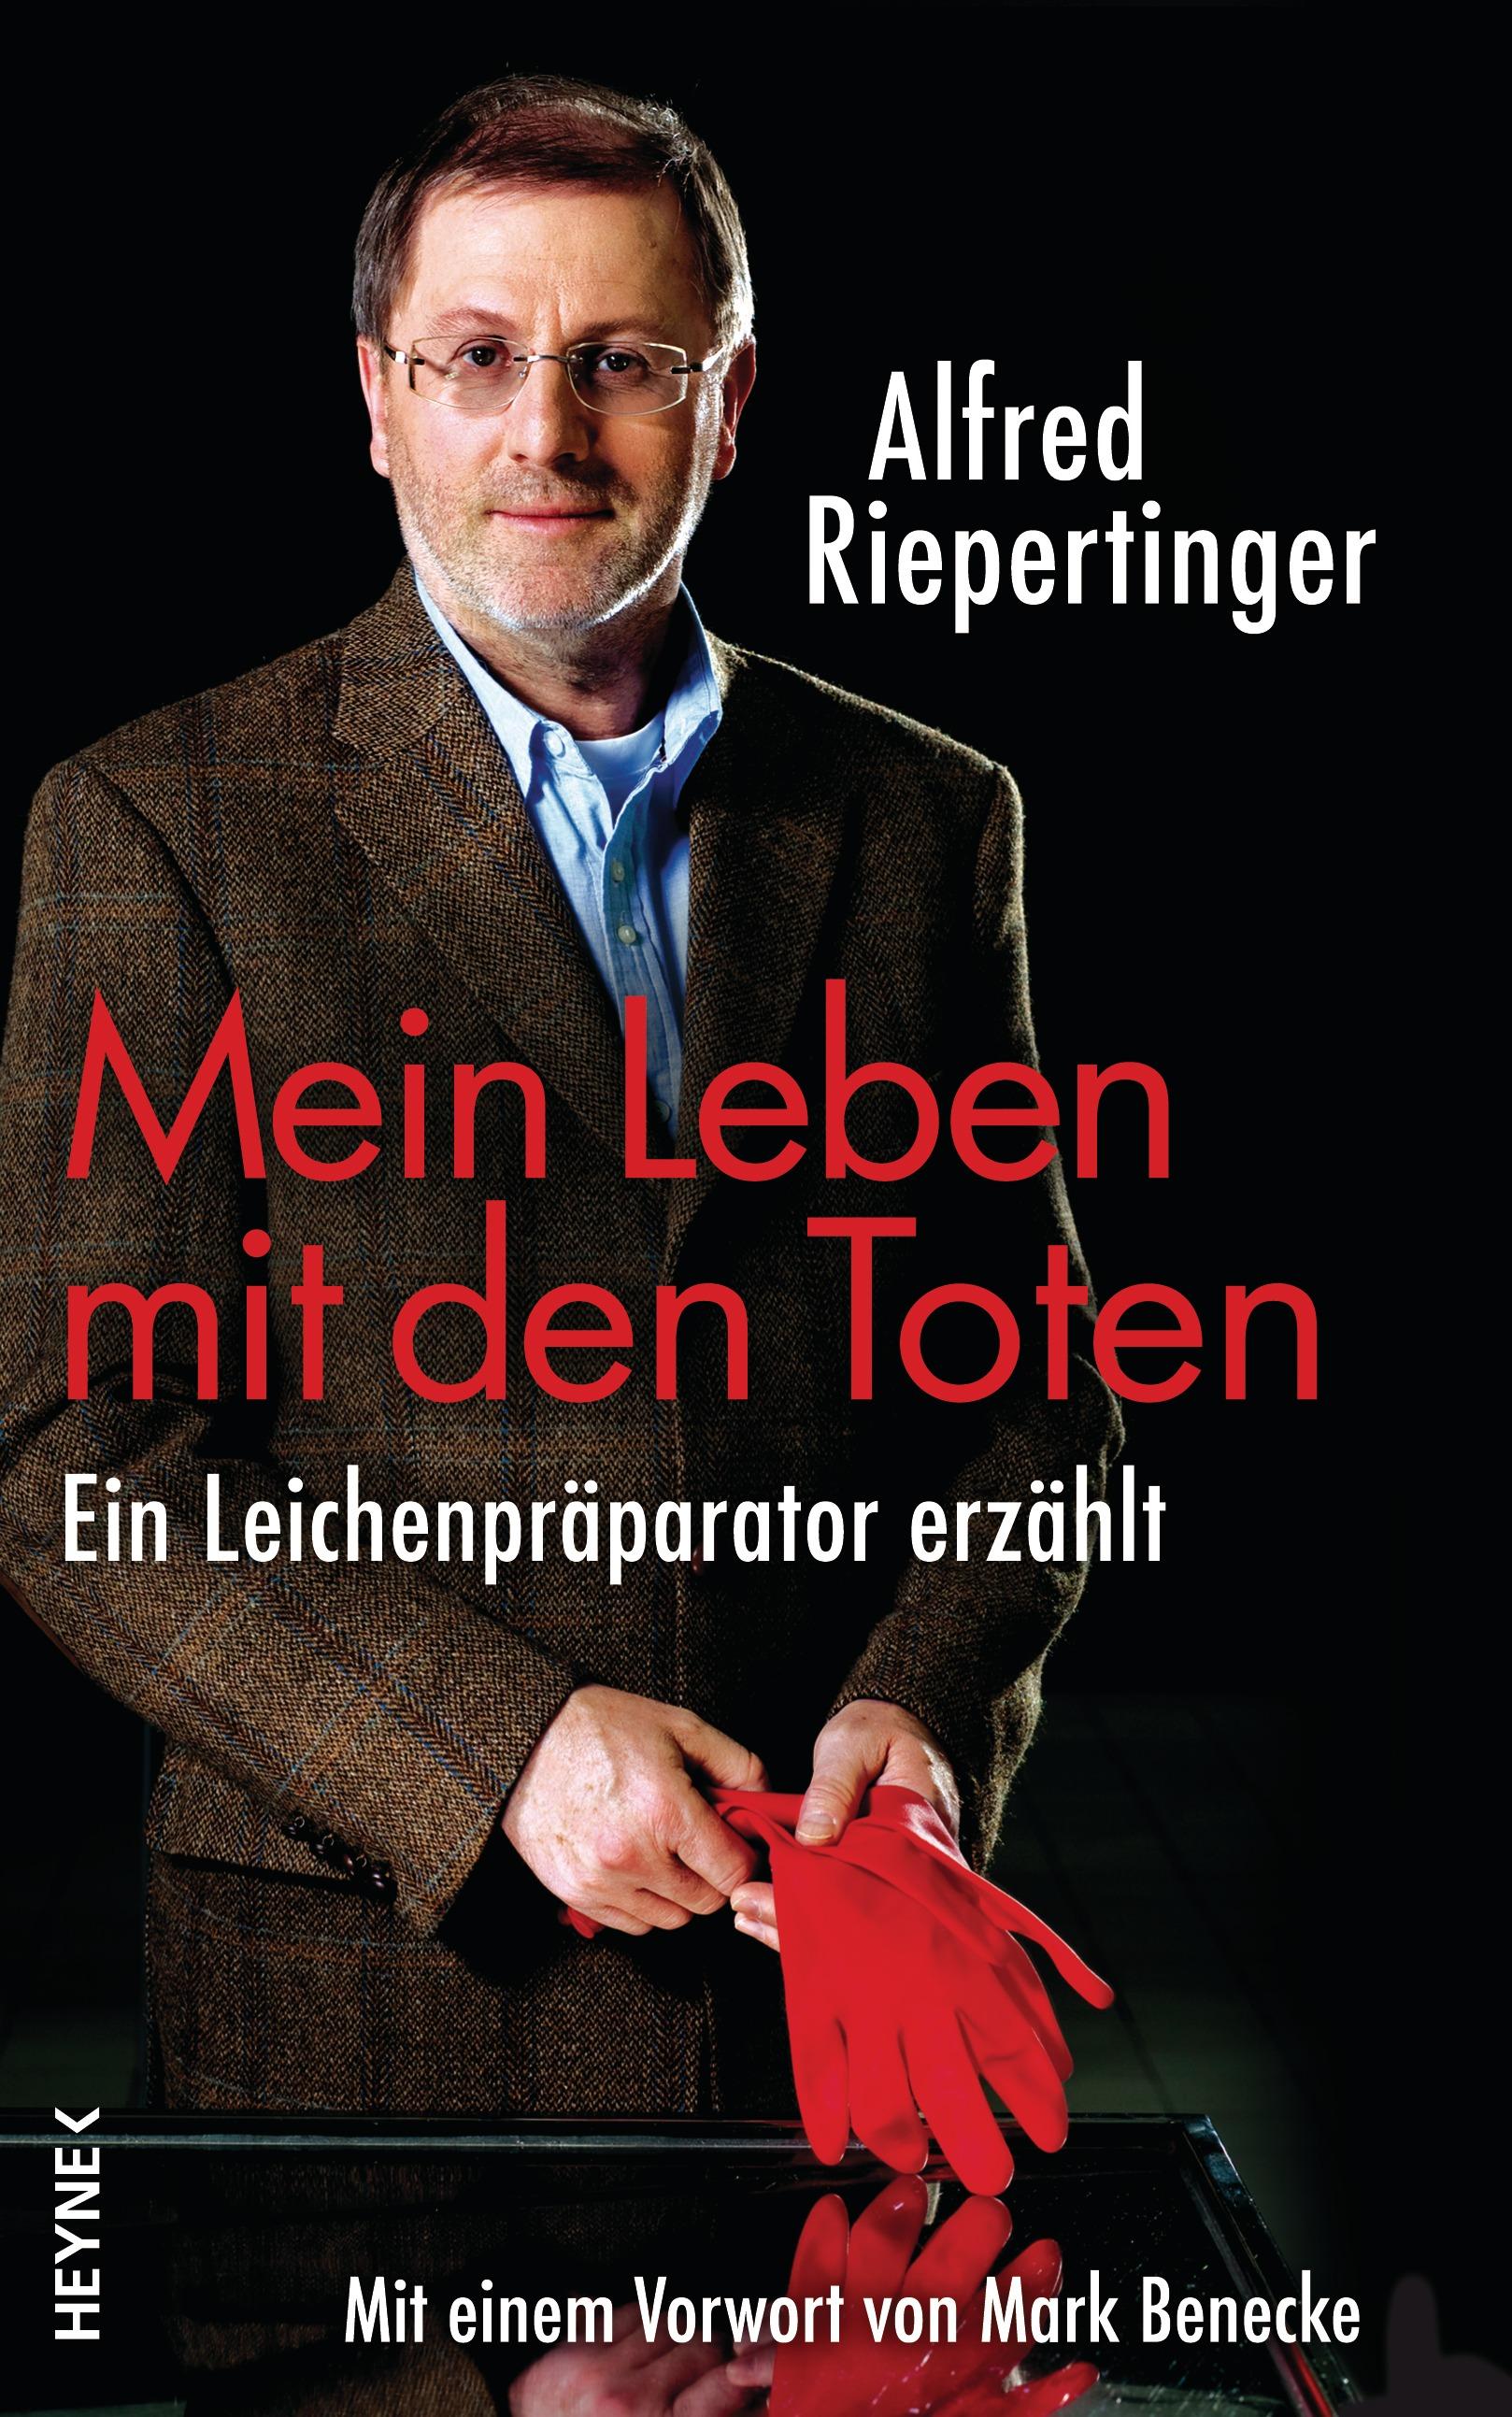 Mein Leben mit den Toten: Ein Leichenpräparator erzählt - Alfred Riepertinger